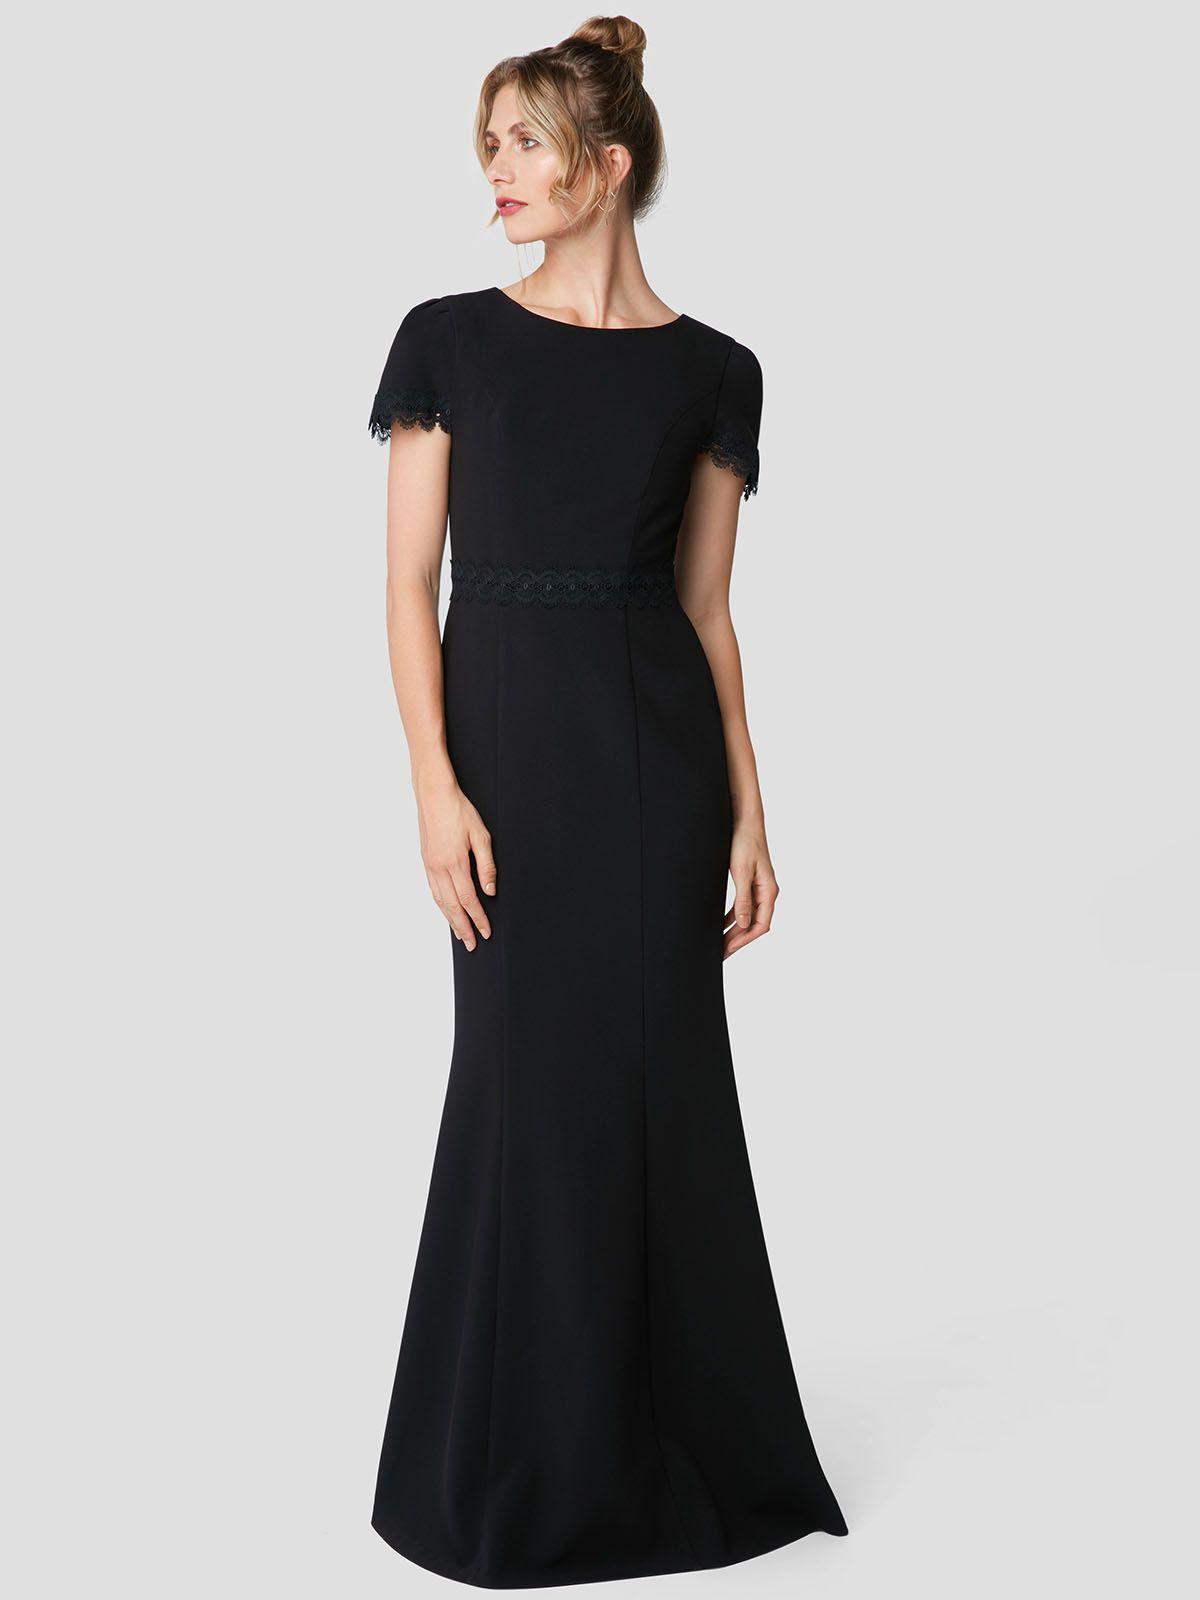 Einzigartig Abendkleid Schwarz Schlicht Stylish15 Ausgezeichnet Abendkleid Schwarz Schlicht Spezialgebiet